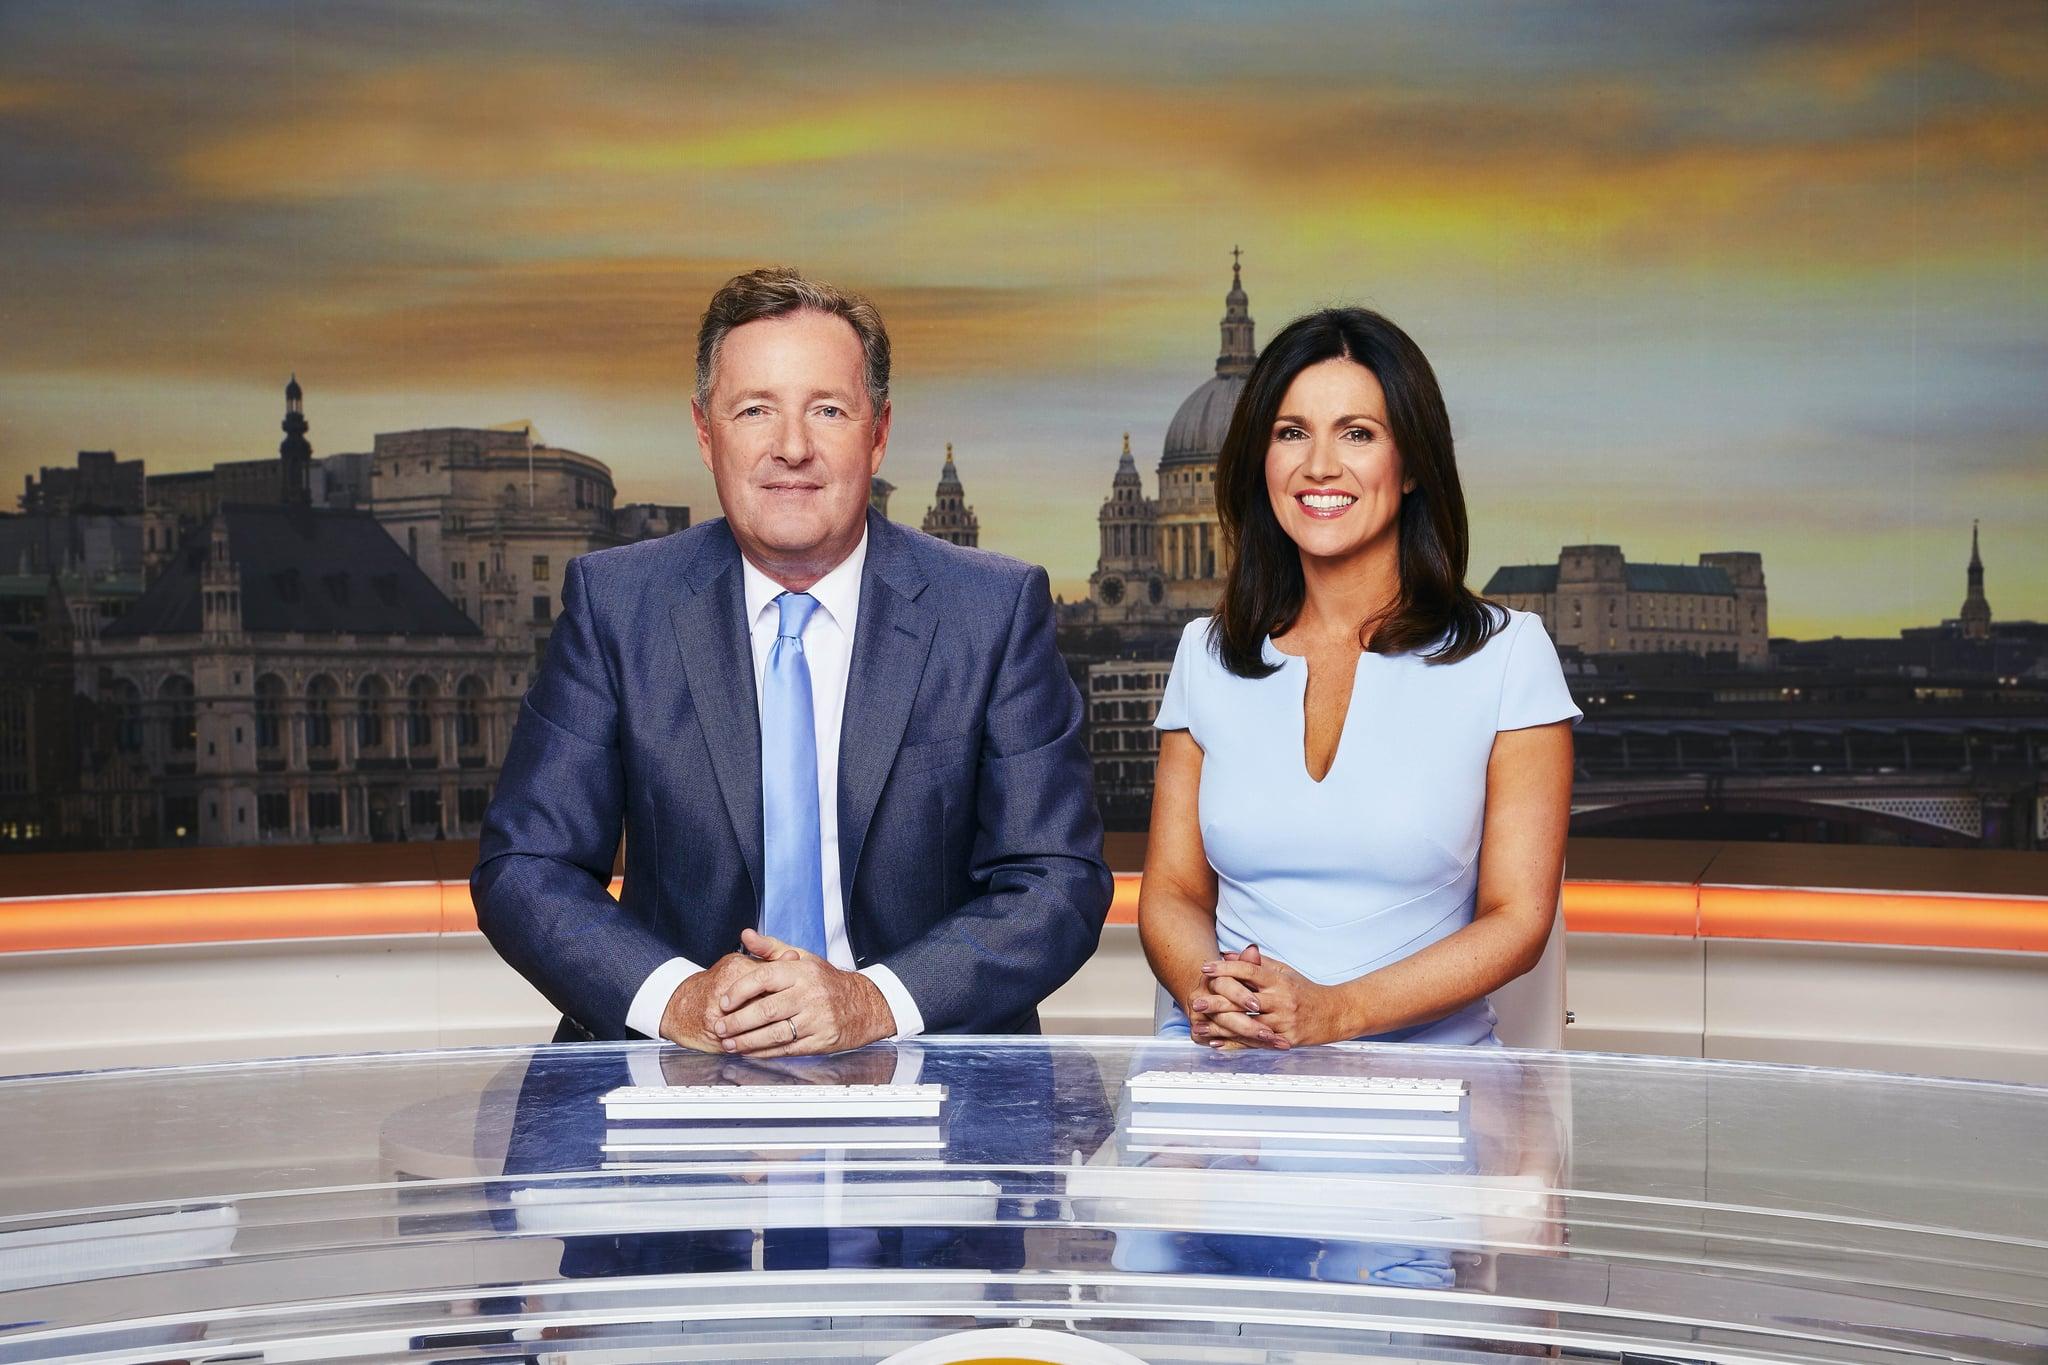 از بریتانیا صبح روز بخیر ITV روزهای هفته در ITV تصویر: Pier Morgan and Susanna Reid (c) ITV عکاس: Nicky Johnson برای اطلاعات بیشتر با Peter Gray0207 157 3046 تماس بگیرید peter.gray@itv.com این عکس © ITV است و فقط برای آن قابل تولید است اهداف سرمقاله مستقیماً در ارتباط با برنامه Good Morning انگلیس یا ITV.  هنگامی که توسط ITV Picture Desk در دسترس قرار گرفت ، این عکس فقط یکبار تا تاریخ انتقال قابل تولید است و هیچ هزینه ای برای تولید مثل دریافت نمی شود.  هرگونه استفاده بعدی ممکن است هزینه ای را متحمل شود.  این عکس بدون مجوز کتبی صریح ITV Picture Desk نباید به هیچ نشریه یا وب سایت دیگری ارسال شود ، یا بایگانی دائمی شود.  شرایط و ضوابط کامل در وب سایت www.itvpictures.com موجود است